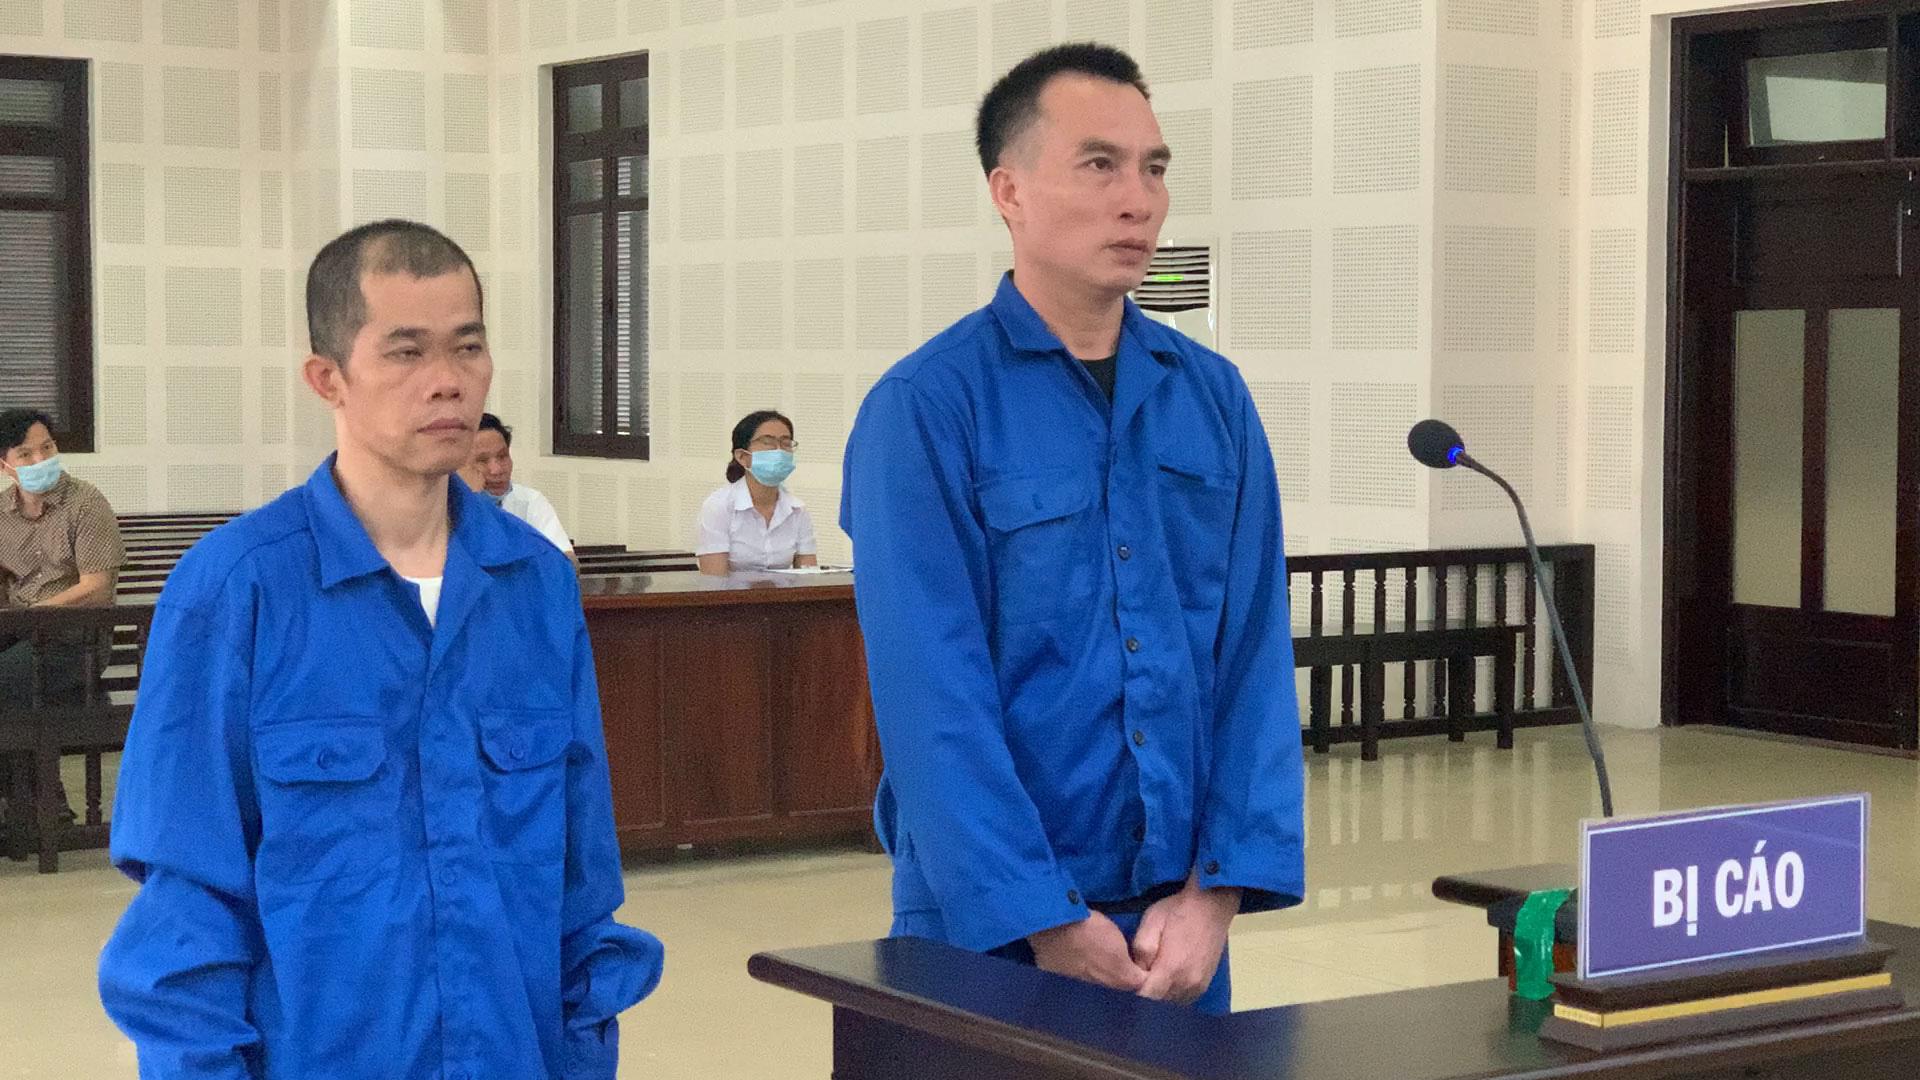 Nhóm người Trung Quốc nhập cảnh vào Việt Nam để đi trộm cắp ở các công ty